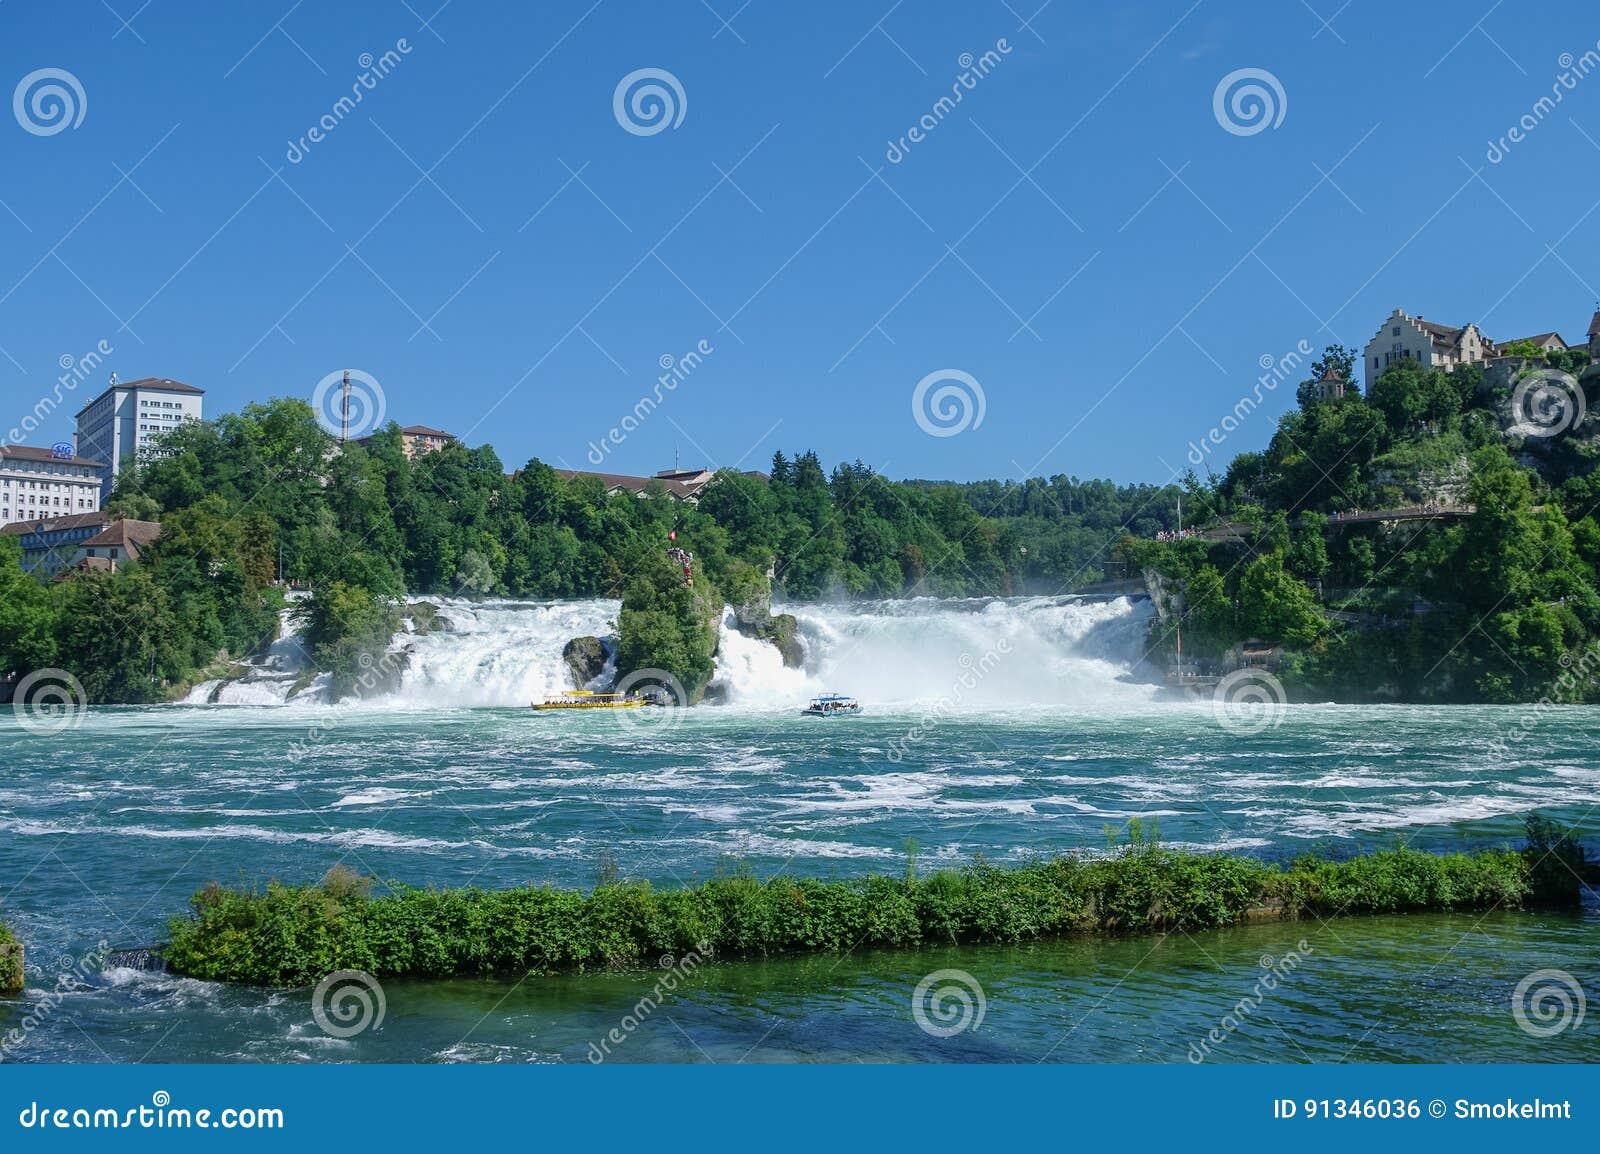 Watervallen Van Schaffhausen Zwitserland.De Rijn Dalingen Is De Grootste Waterval In Europa